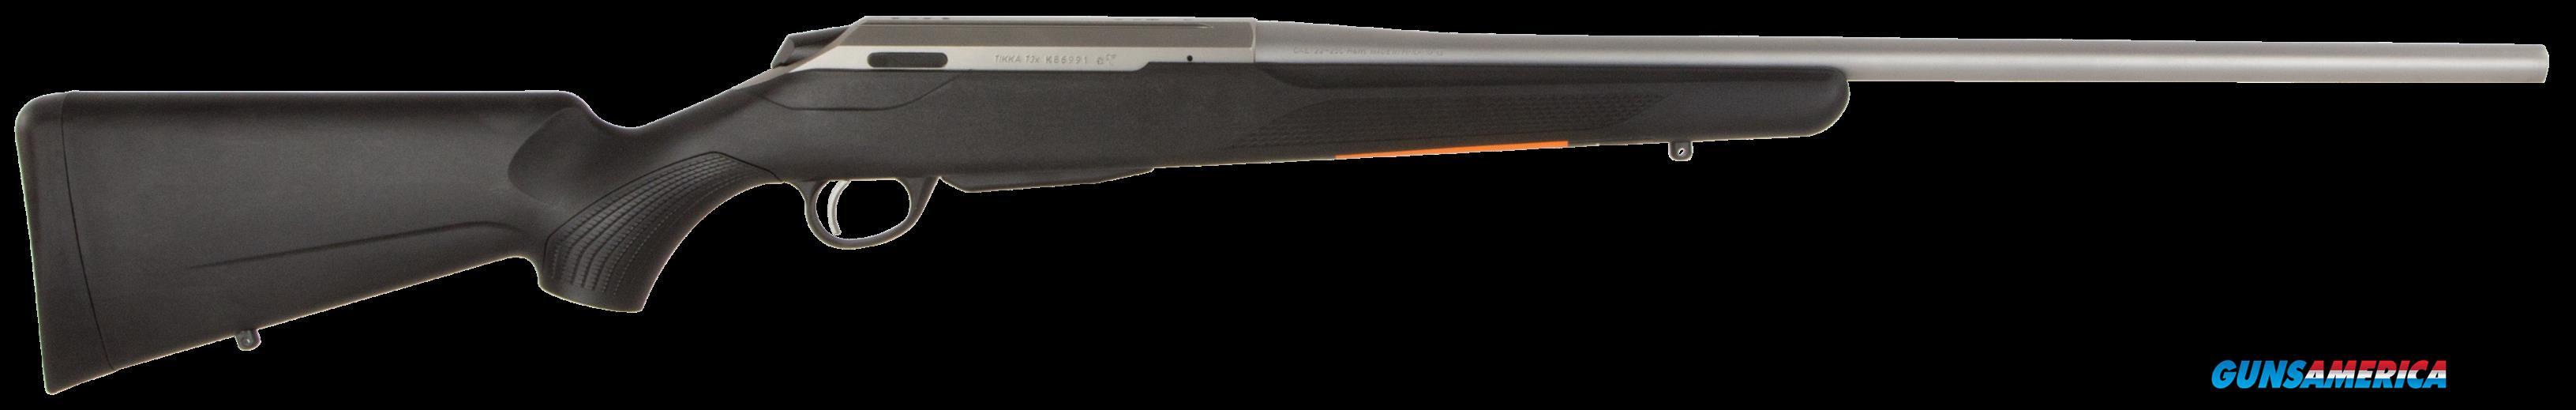 Tikka T3 T3x, Tikka Jrtxb420    T3x Lite   3006   Synss  Lh  Guns > Pistols > 1911 Pistol Copies (non-Colt)